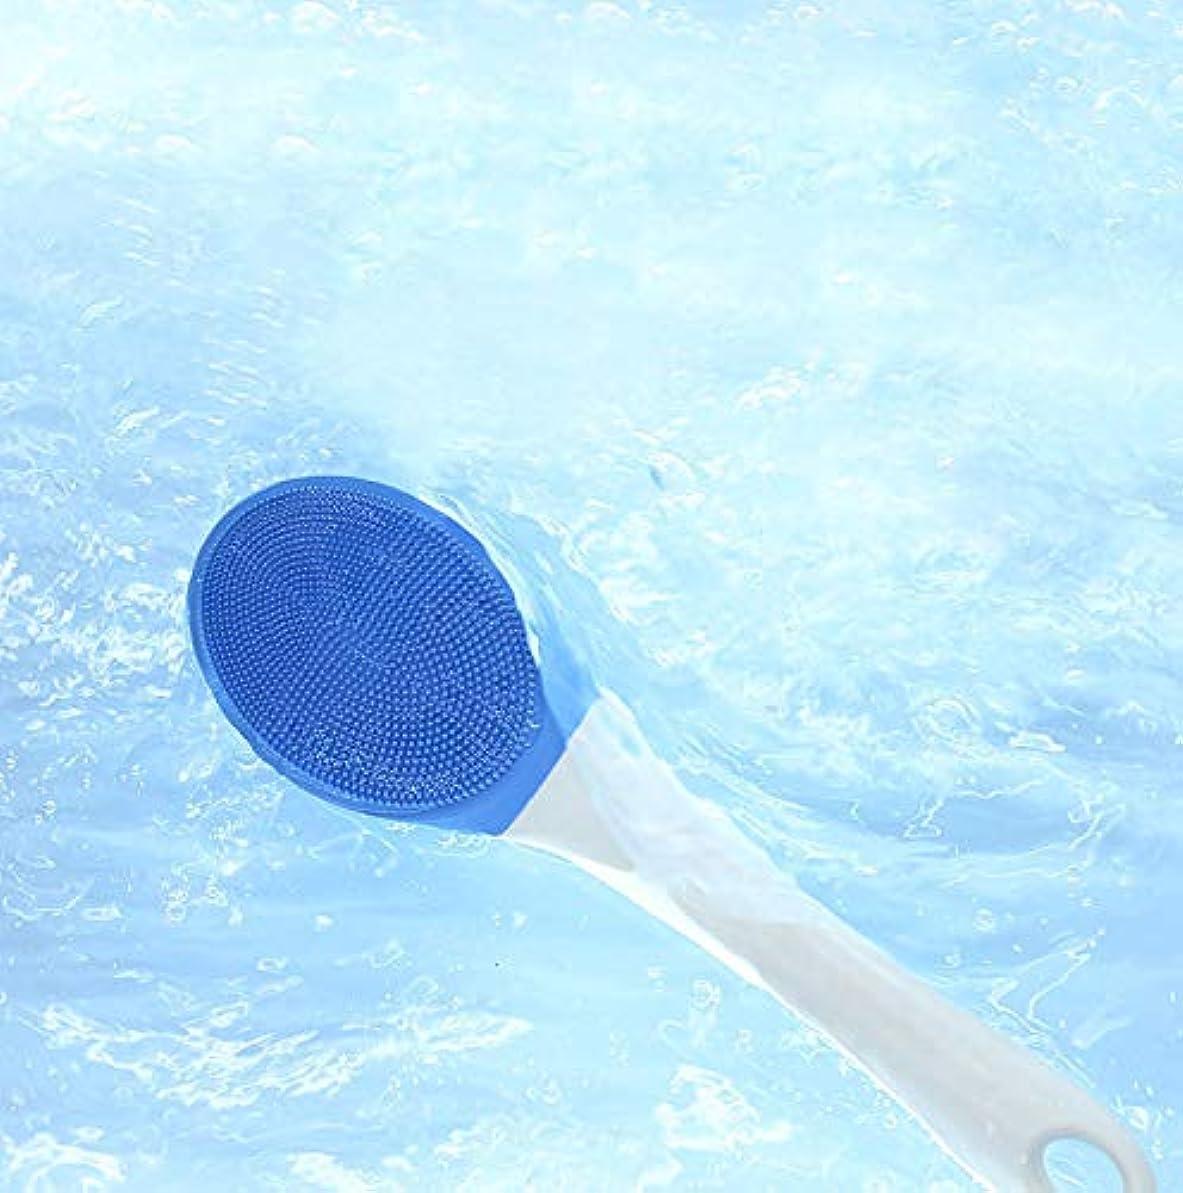 大スタジオ器用電気バスブラシ、防水ボディ、洗顔ブラシロングハンドルソニック電動スクラバーディープクリーニング用3スピード調整可能なパルス振動,Blue